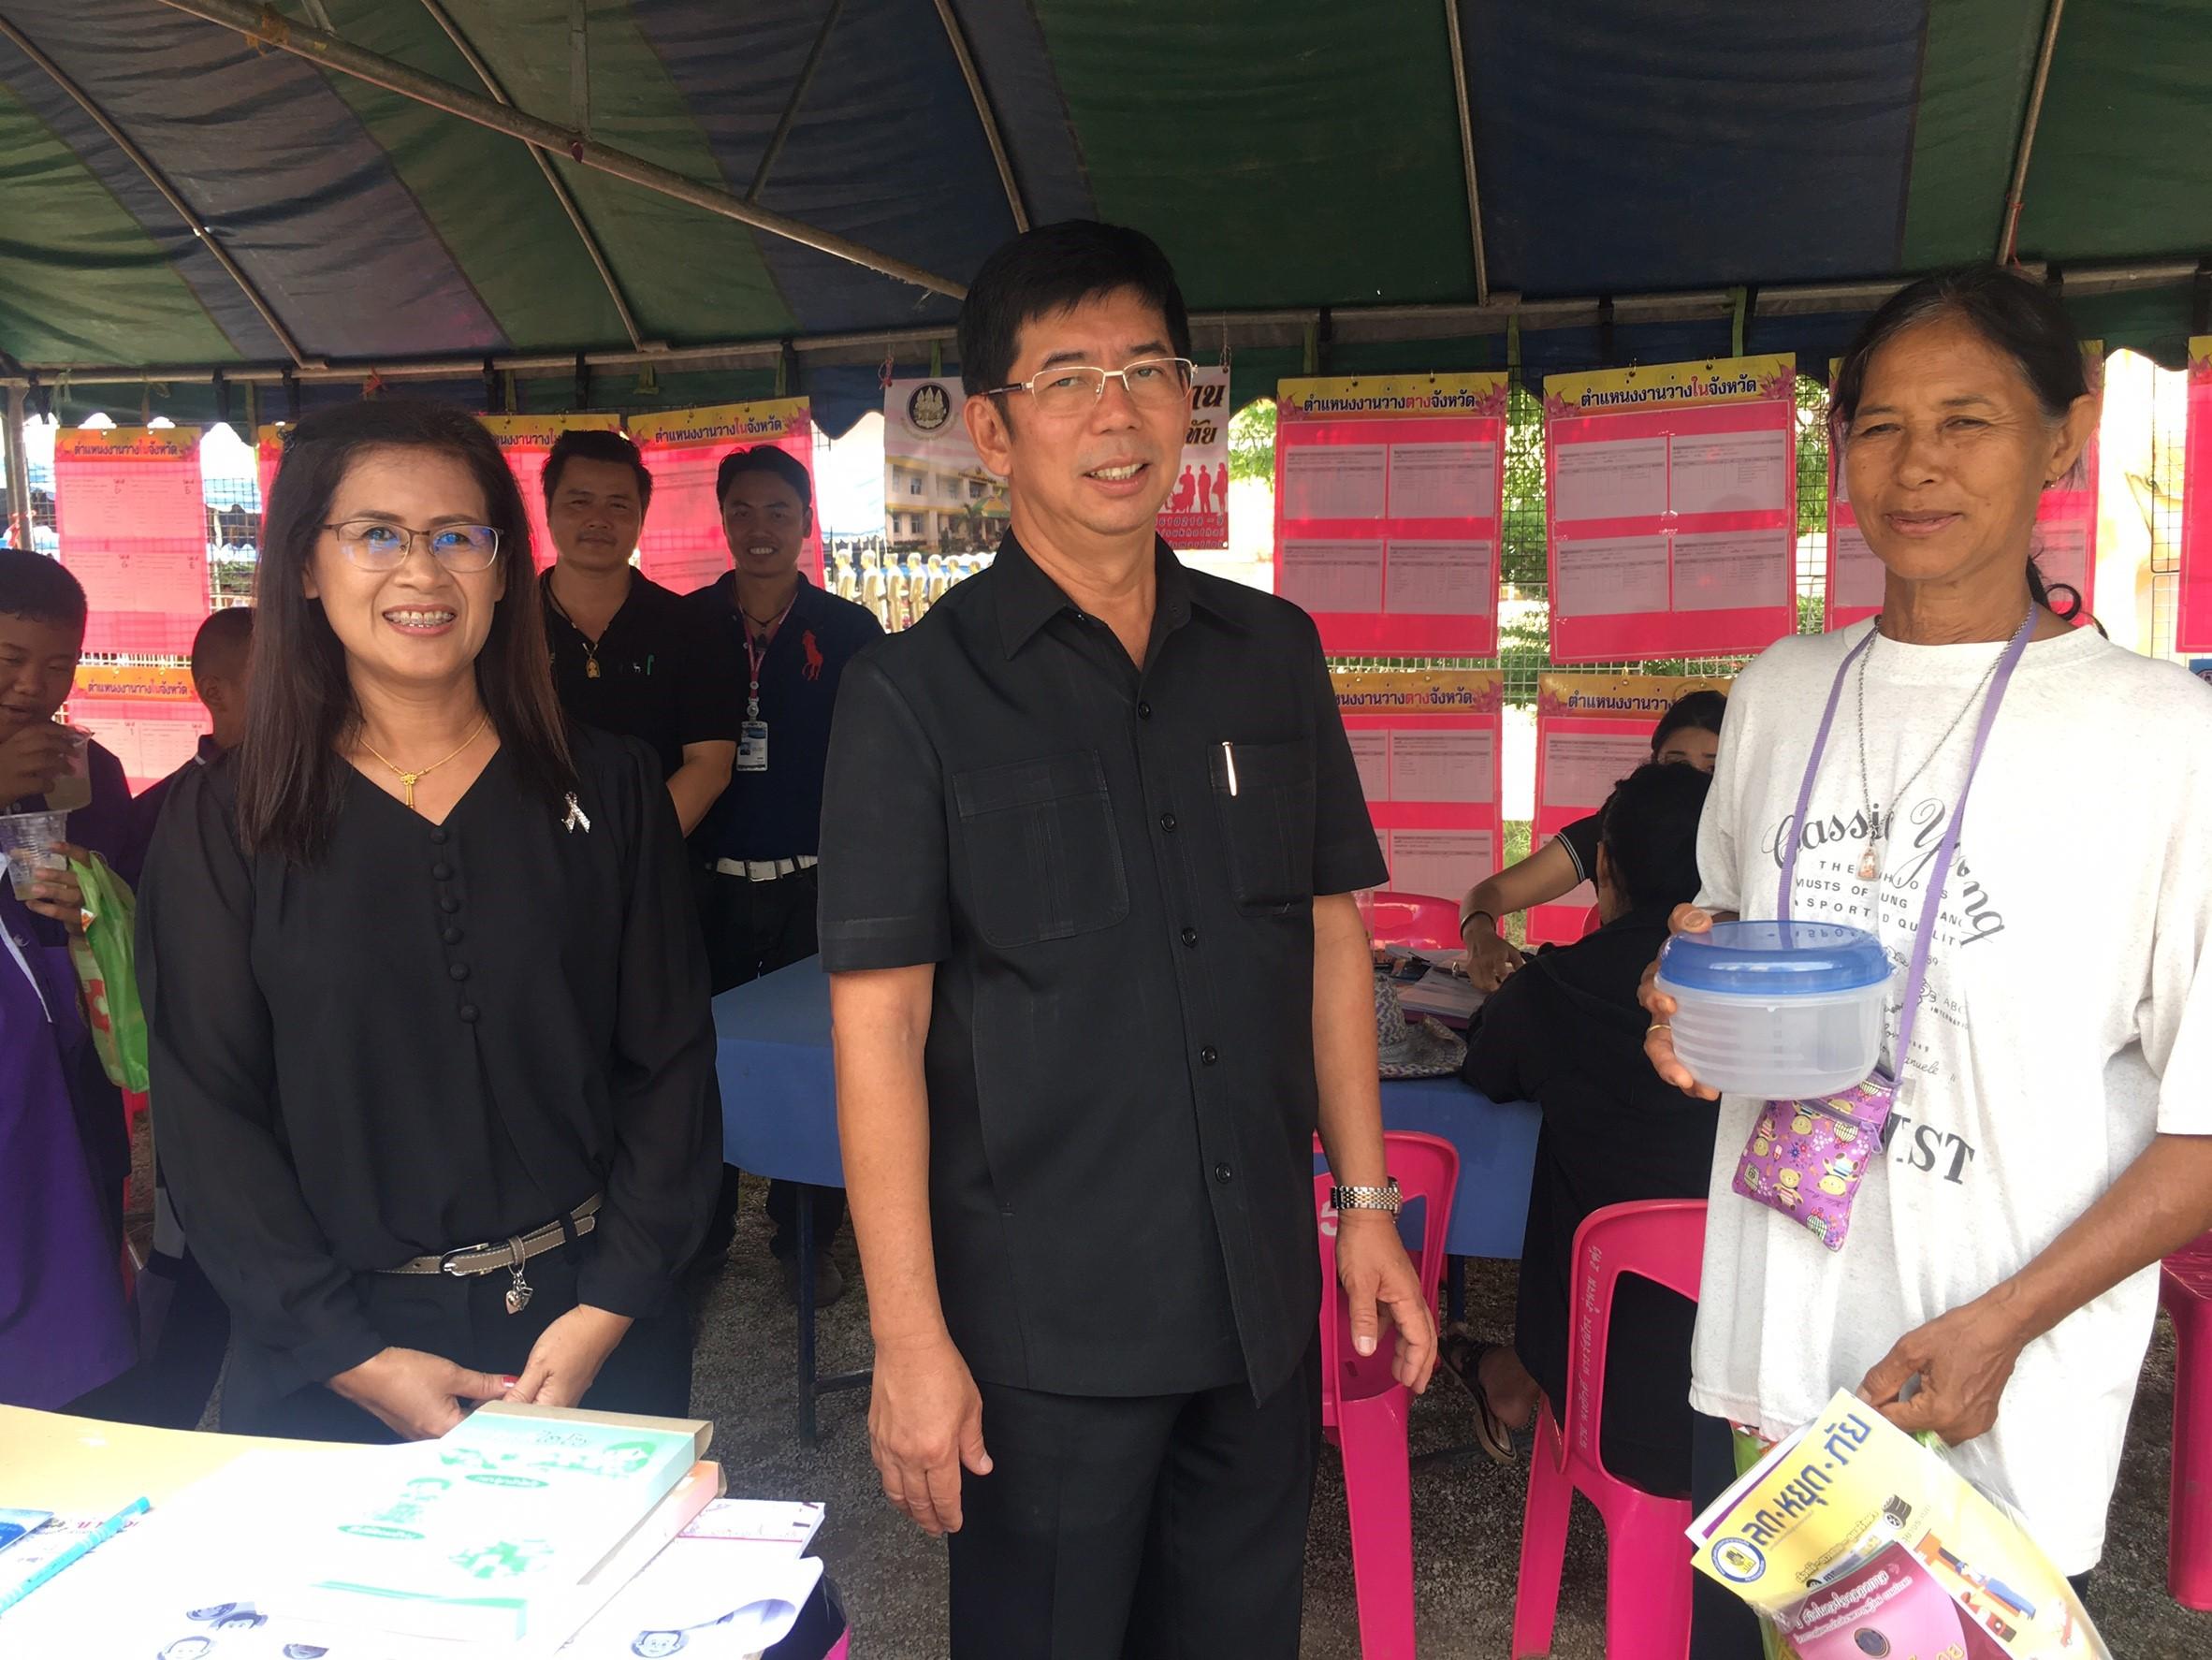 วันที่ 20 กรกฎาคม 2560 สจจ.สุโขทัย มอบหมายเจ้าหน้าที่ออกหน่วยบริการจัดหางานเคลื่อนที่ ร่วมกับหน่วยบ